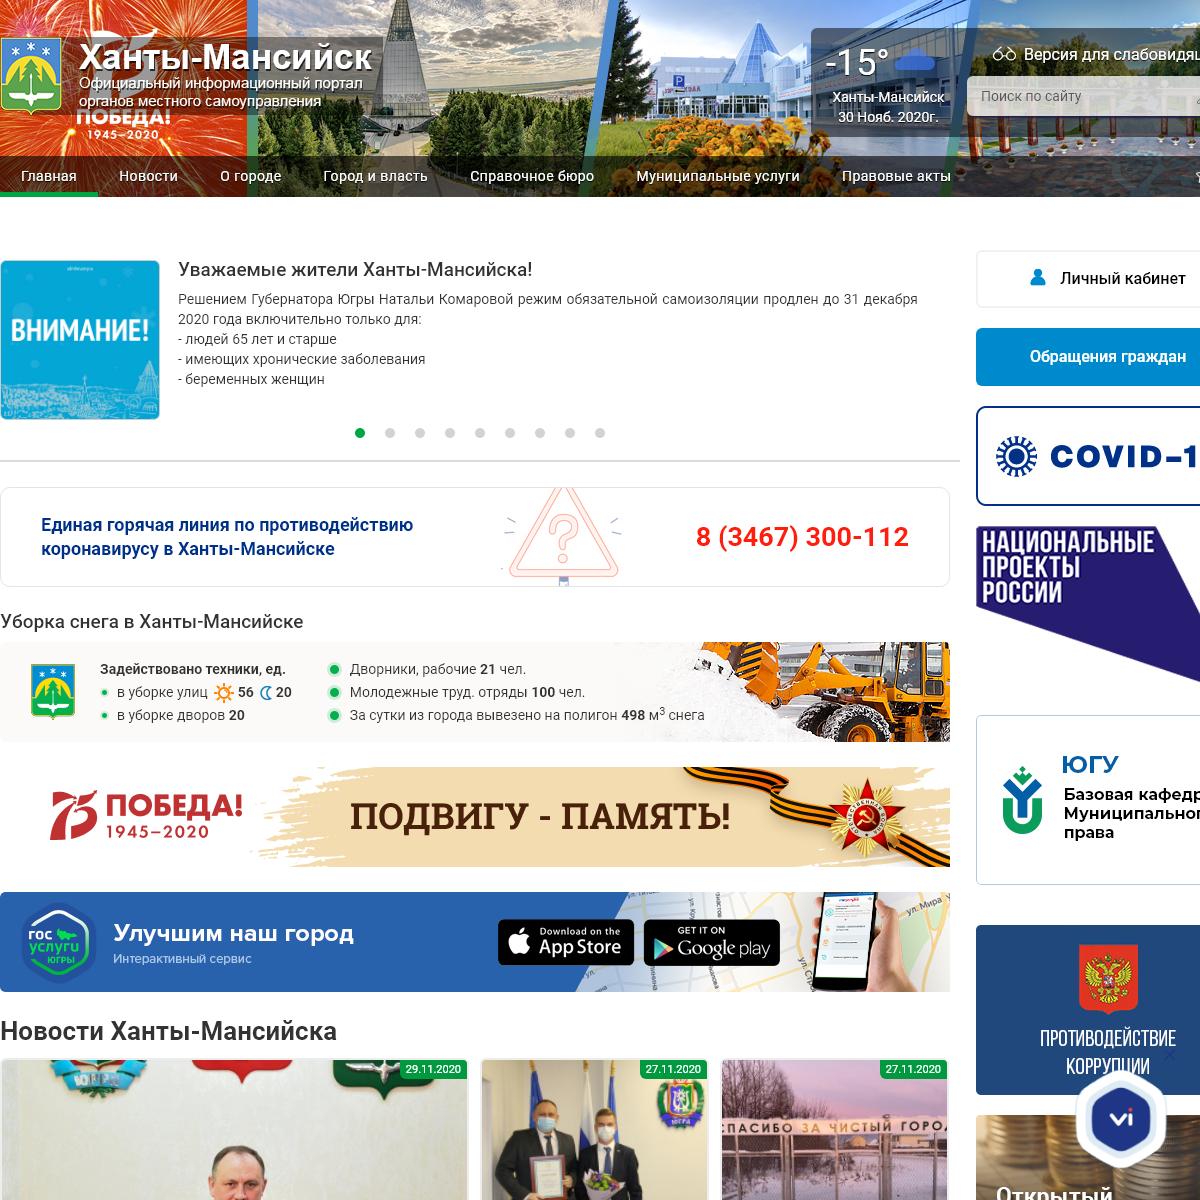 Главная - Официальный портал Администрации города Ханты-Мансийска